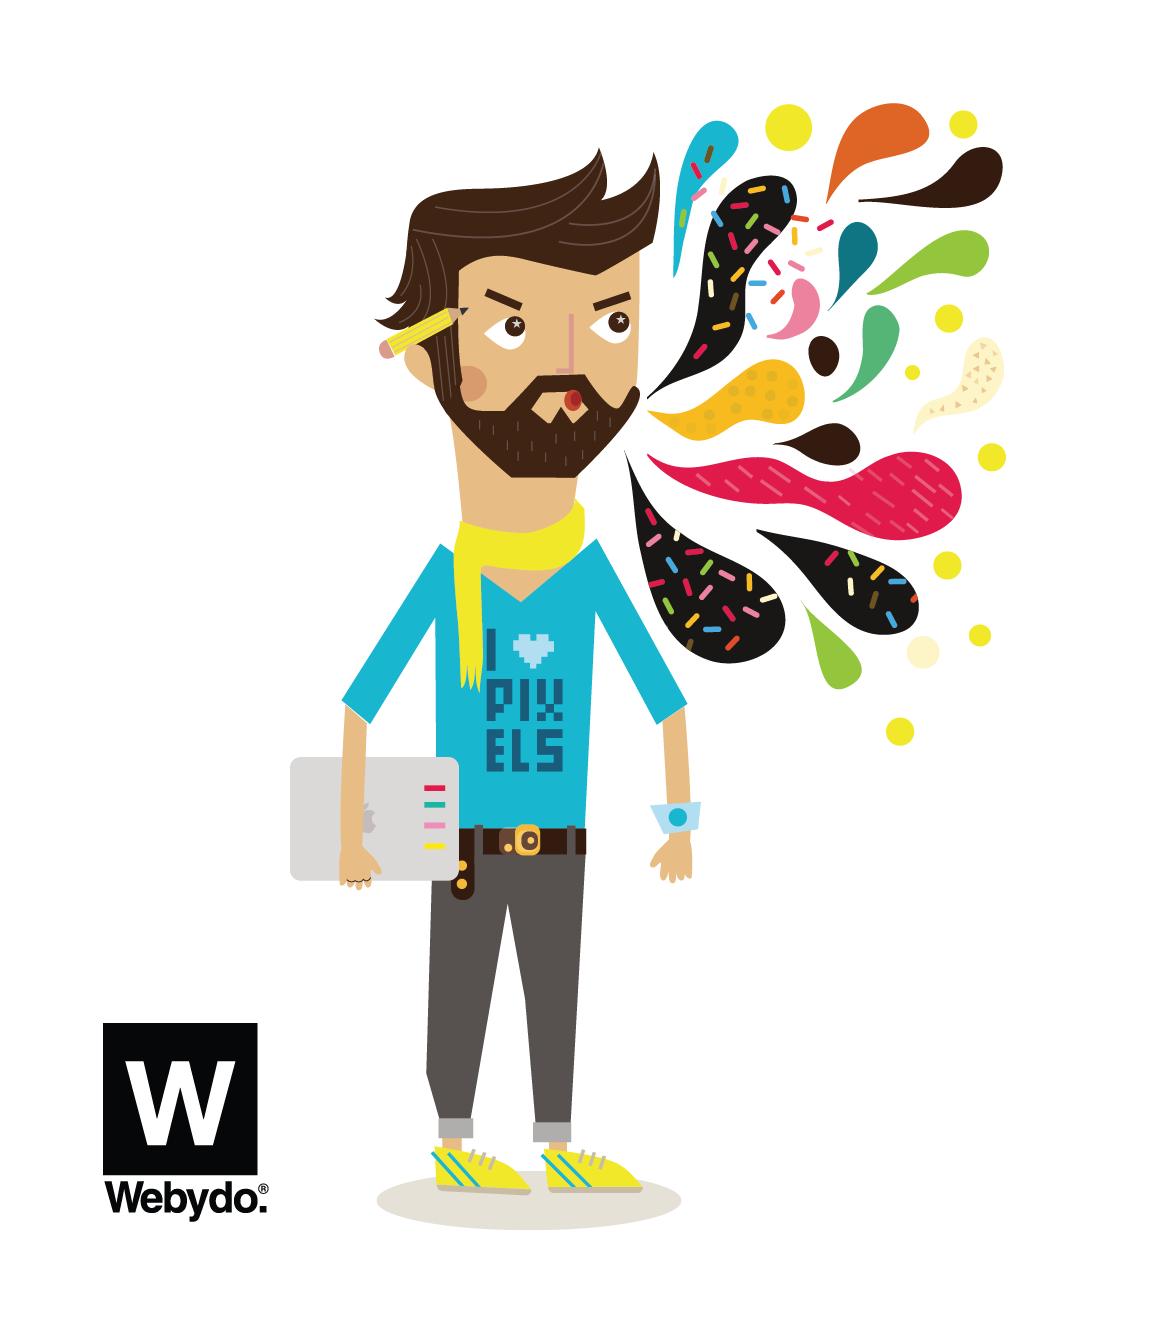 Webydo_designer-01.png